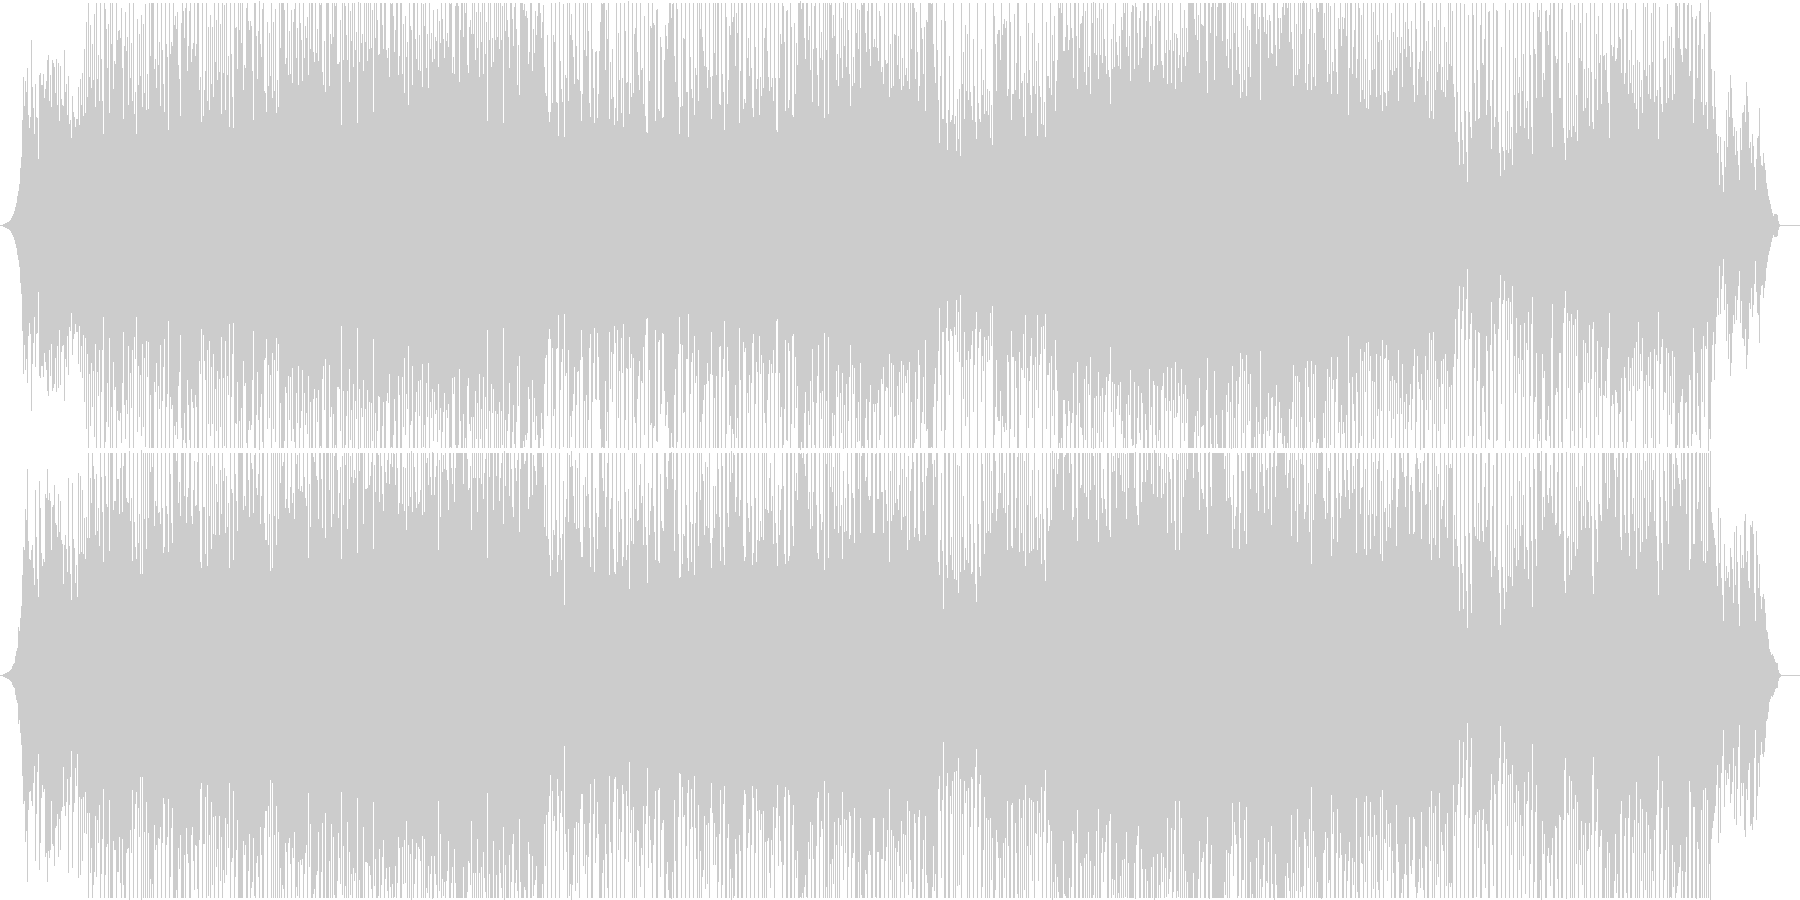 【爽やか】ポジティブで美しい軽快なピアノの未再生の波形